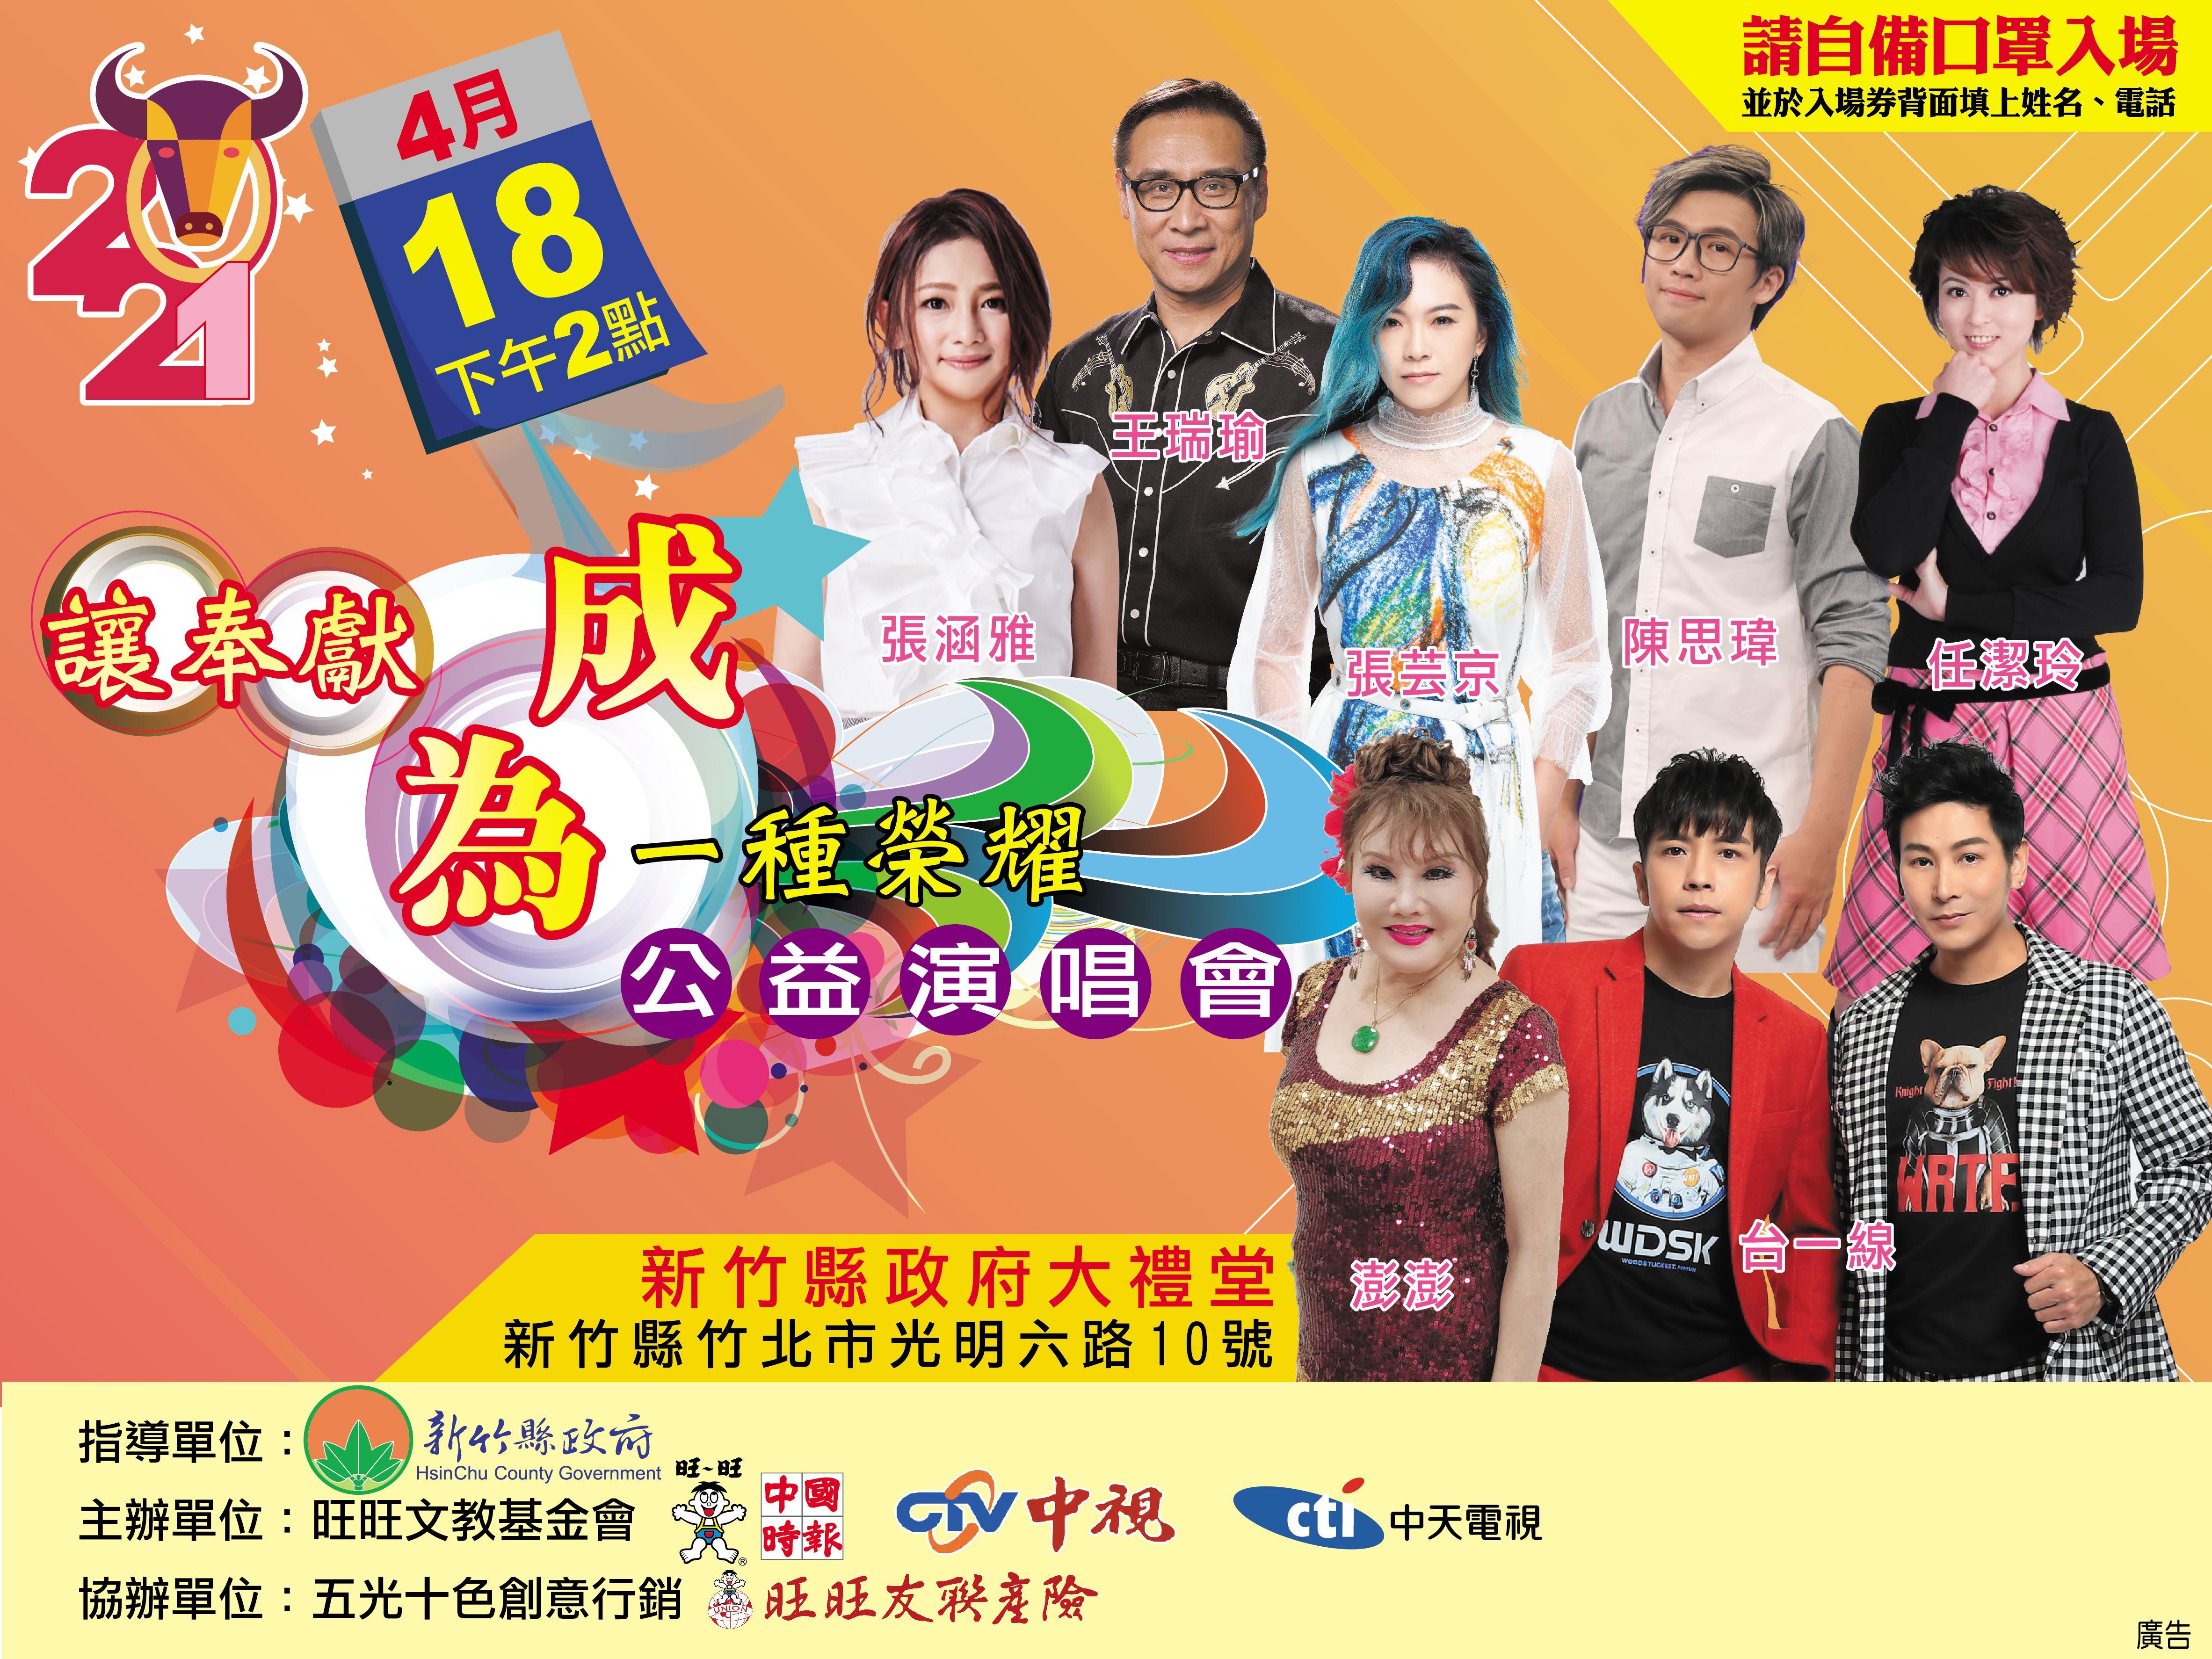 張芸京這個星期日(4/18)將出席 讓奉獻成為一種榮耀 公益演唱會